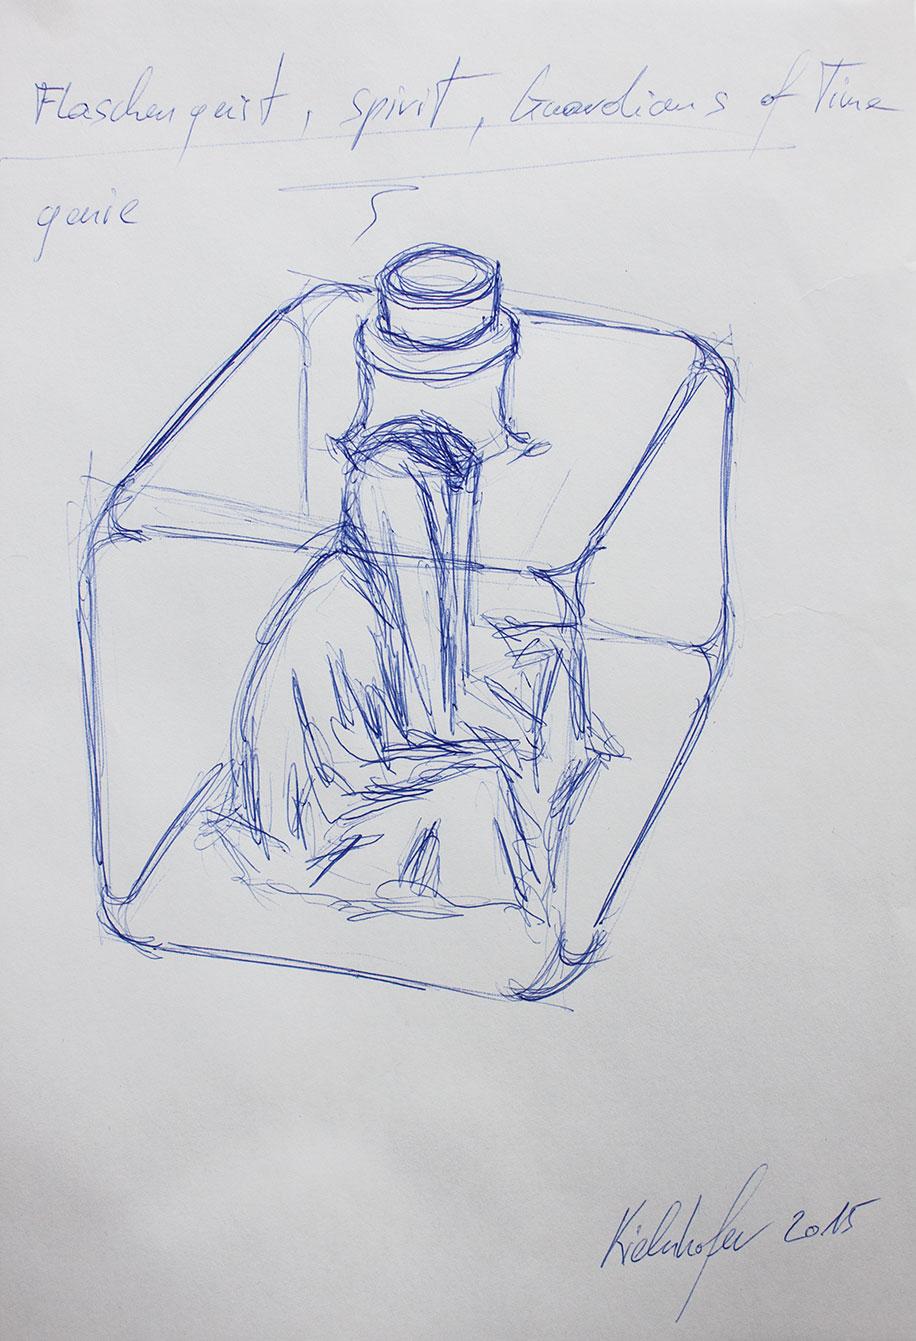 vodka bottle flaschengeist-spirit-genie-guardians-of-time-manfred-kielnhofer-glas-art-sculpture-bottle_7741